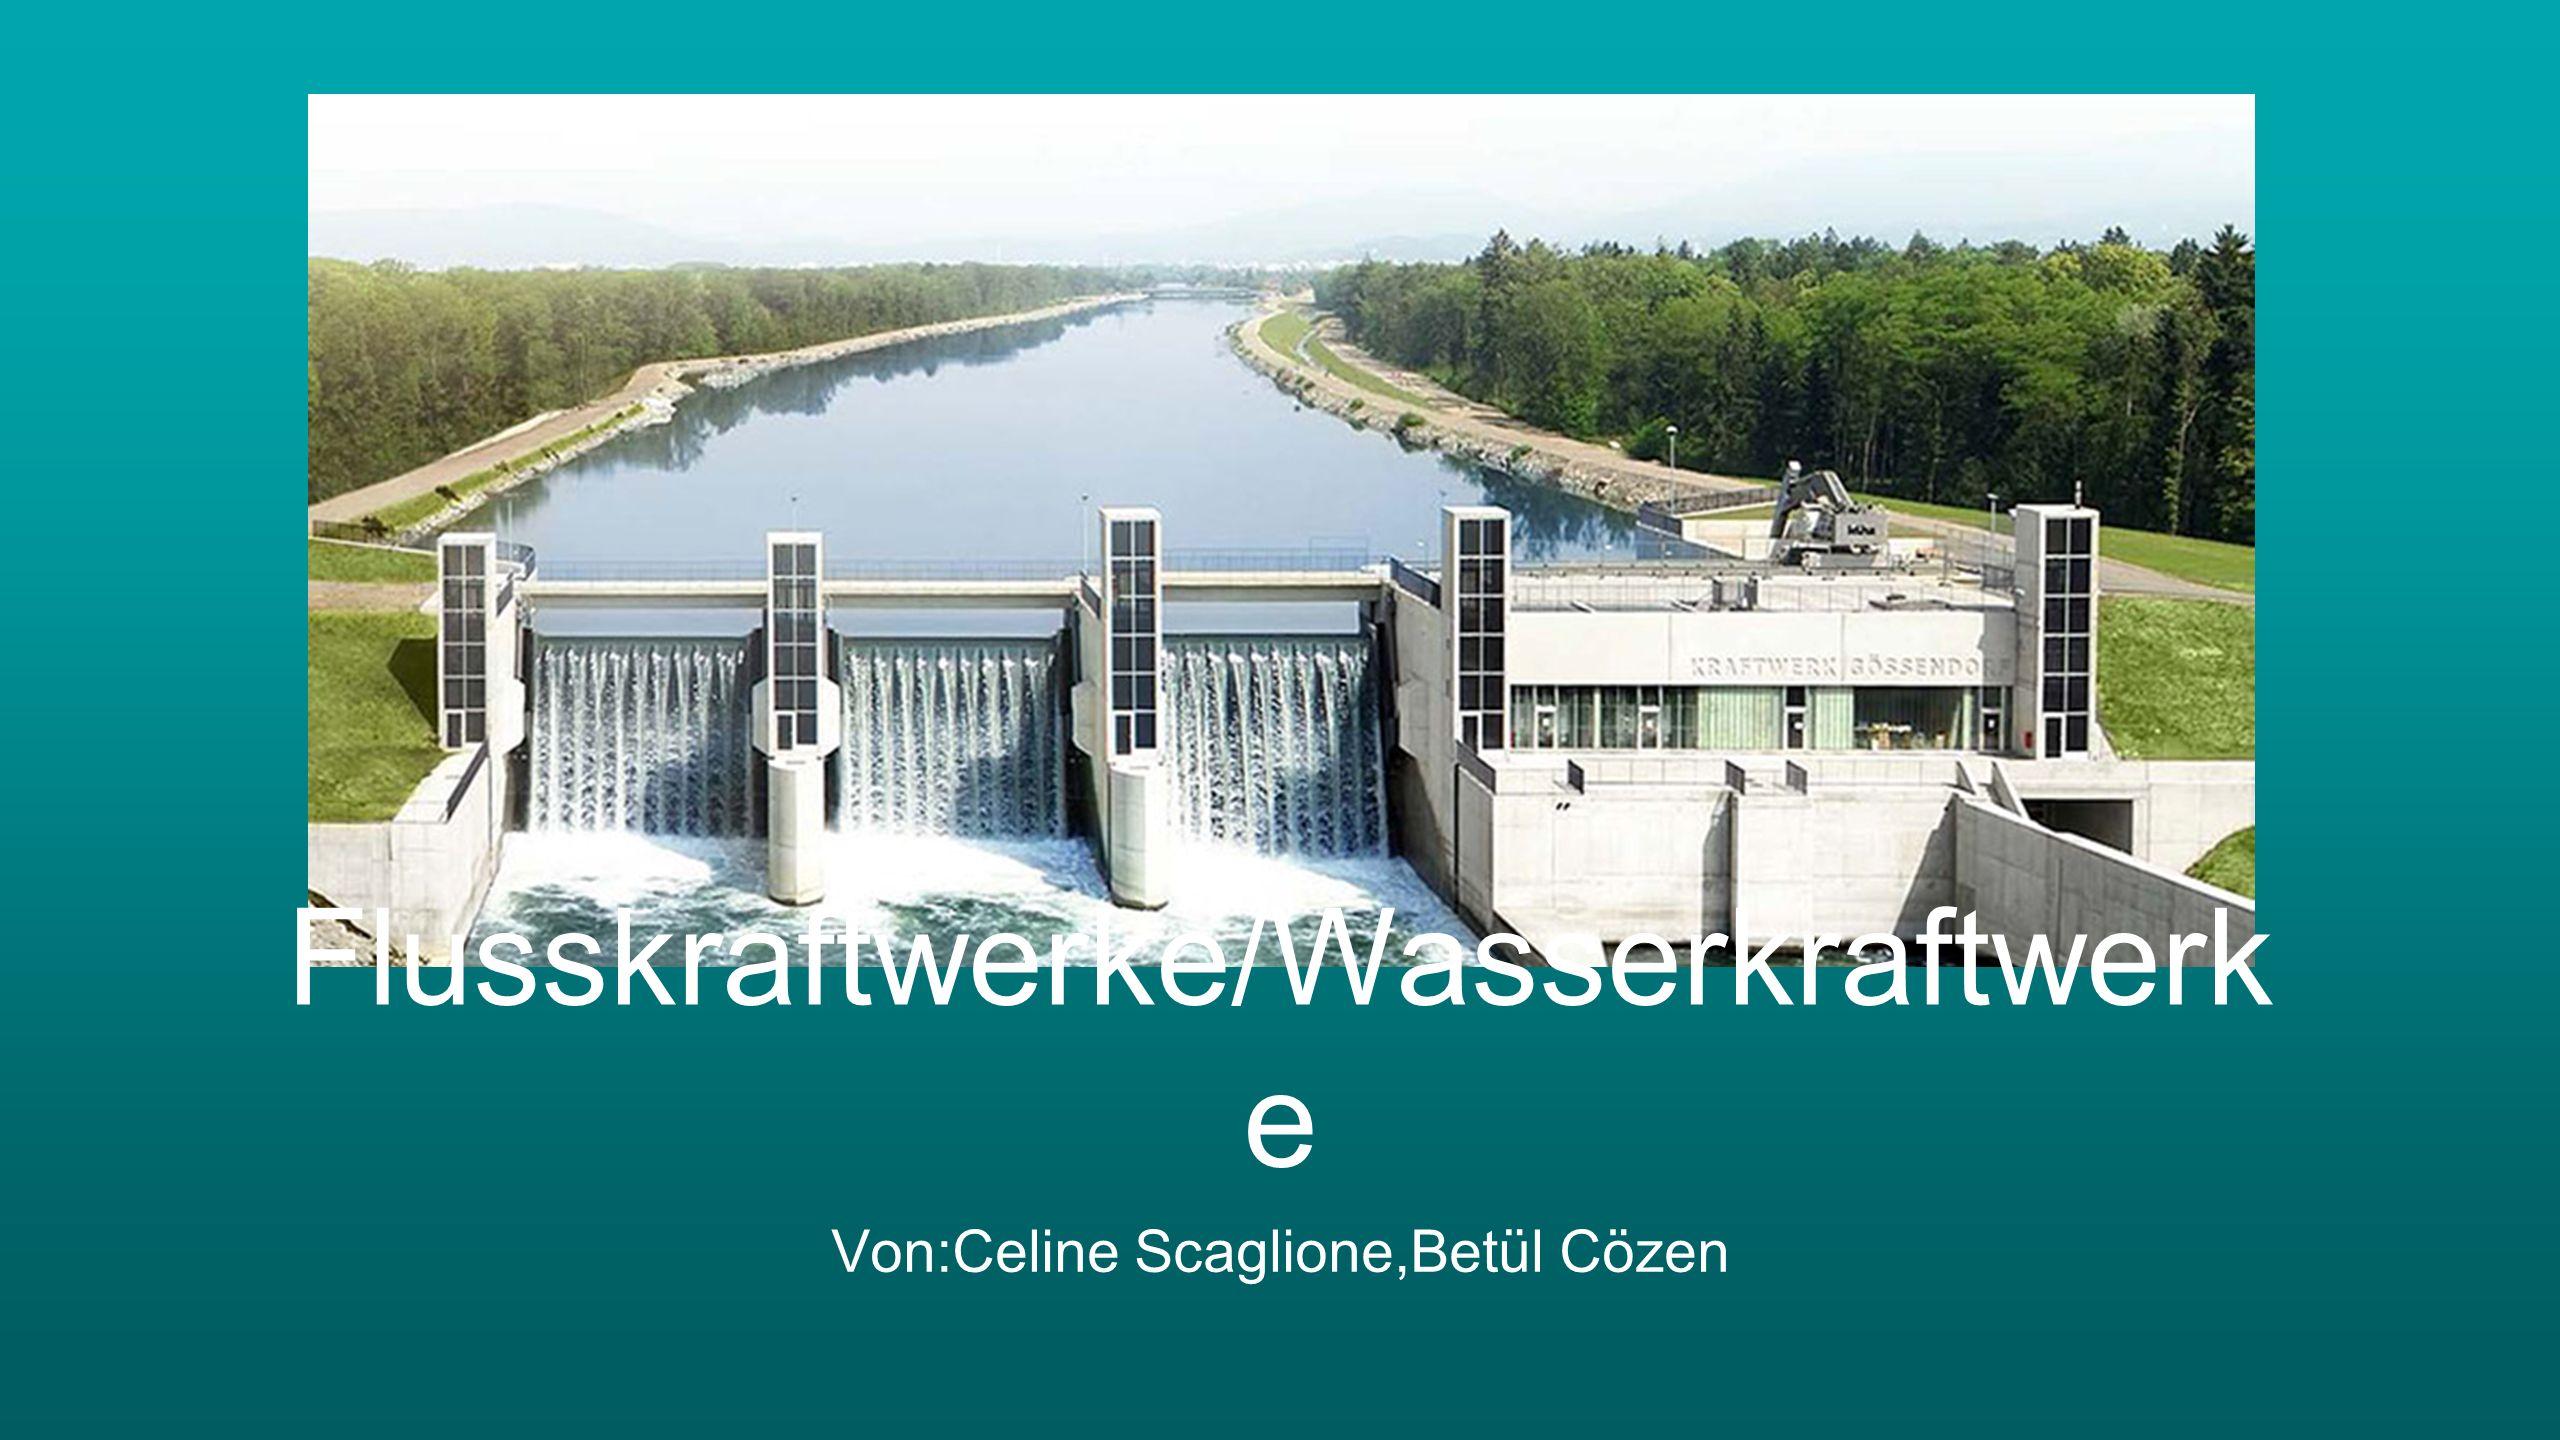 Flusskraftwerke/Wasserkraftwerk e Von:Celine Scaglione,Betül Cözen